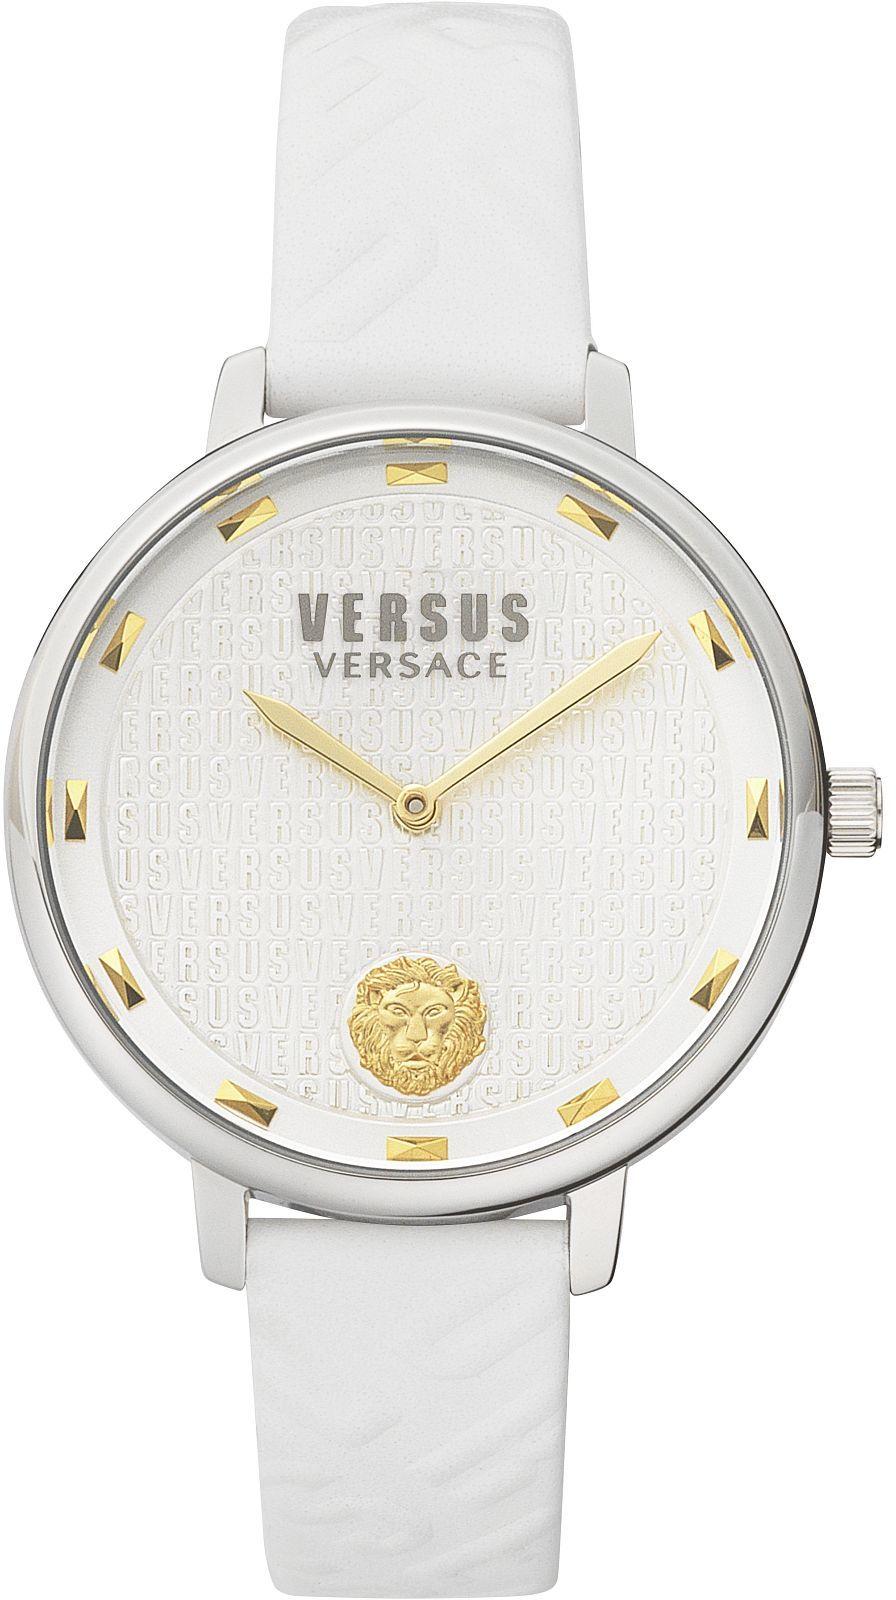 Zegarek damski Versus Versace La Villette